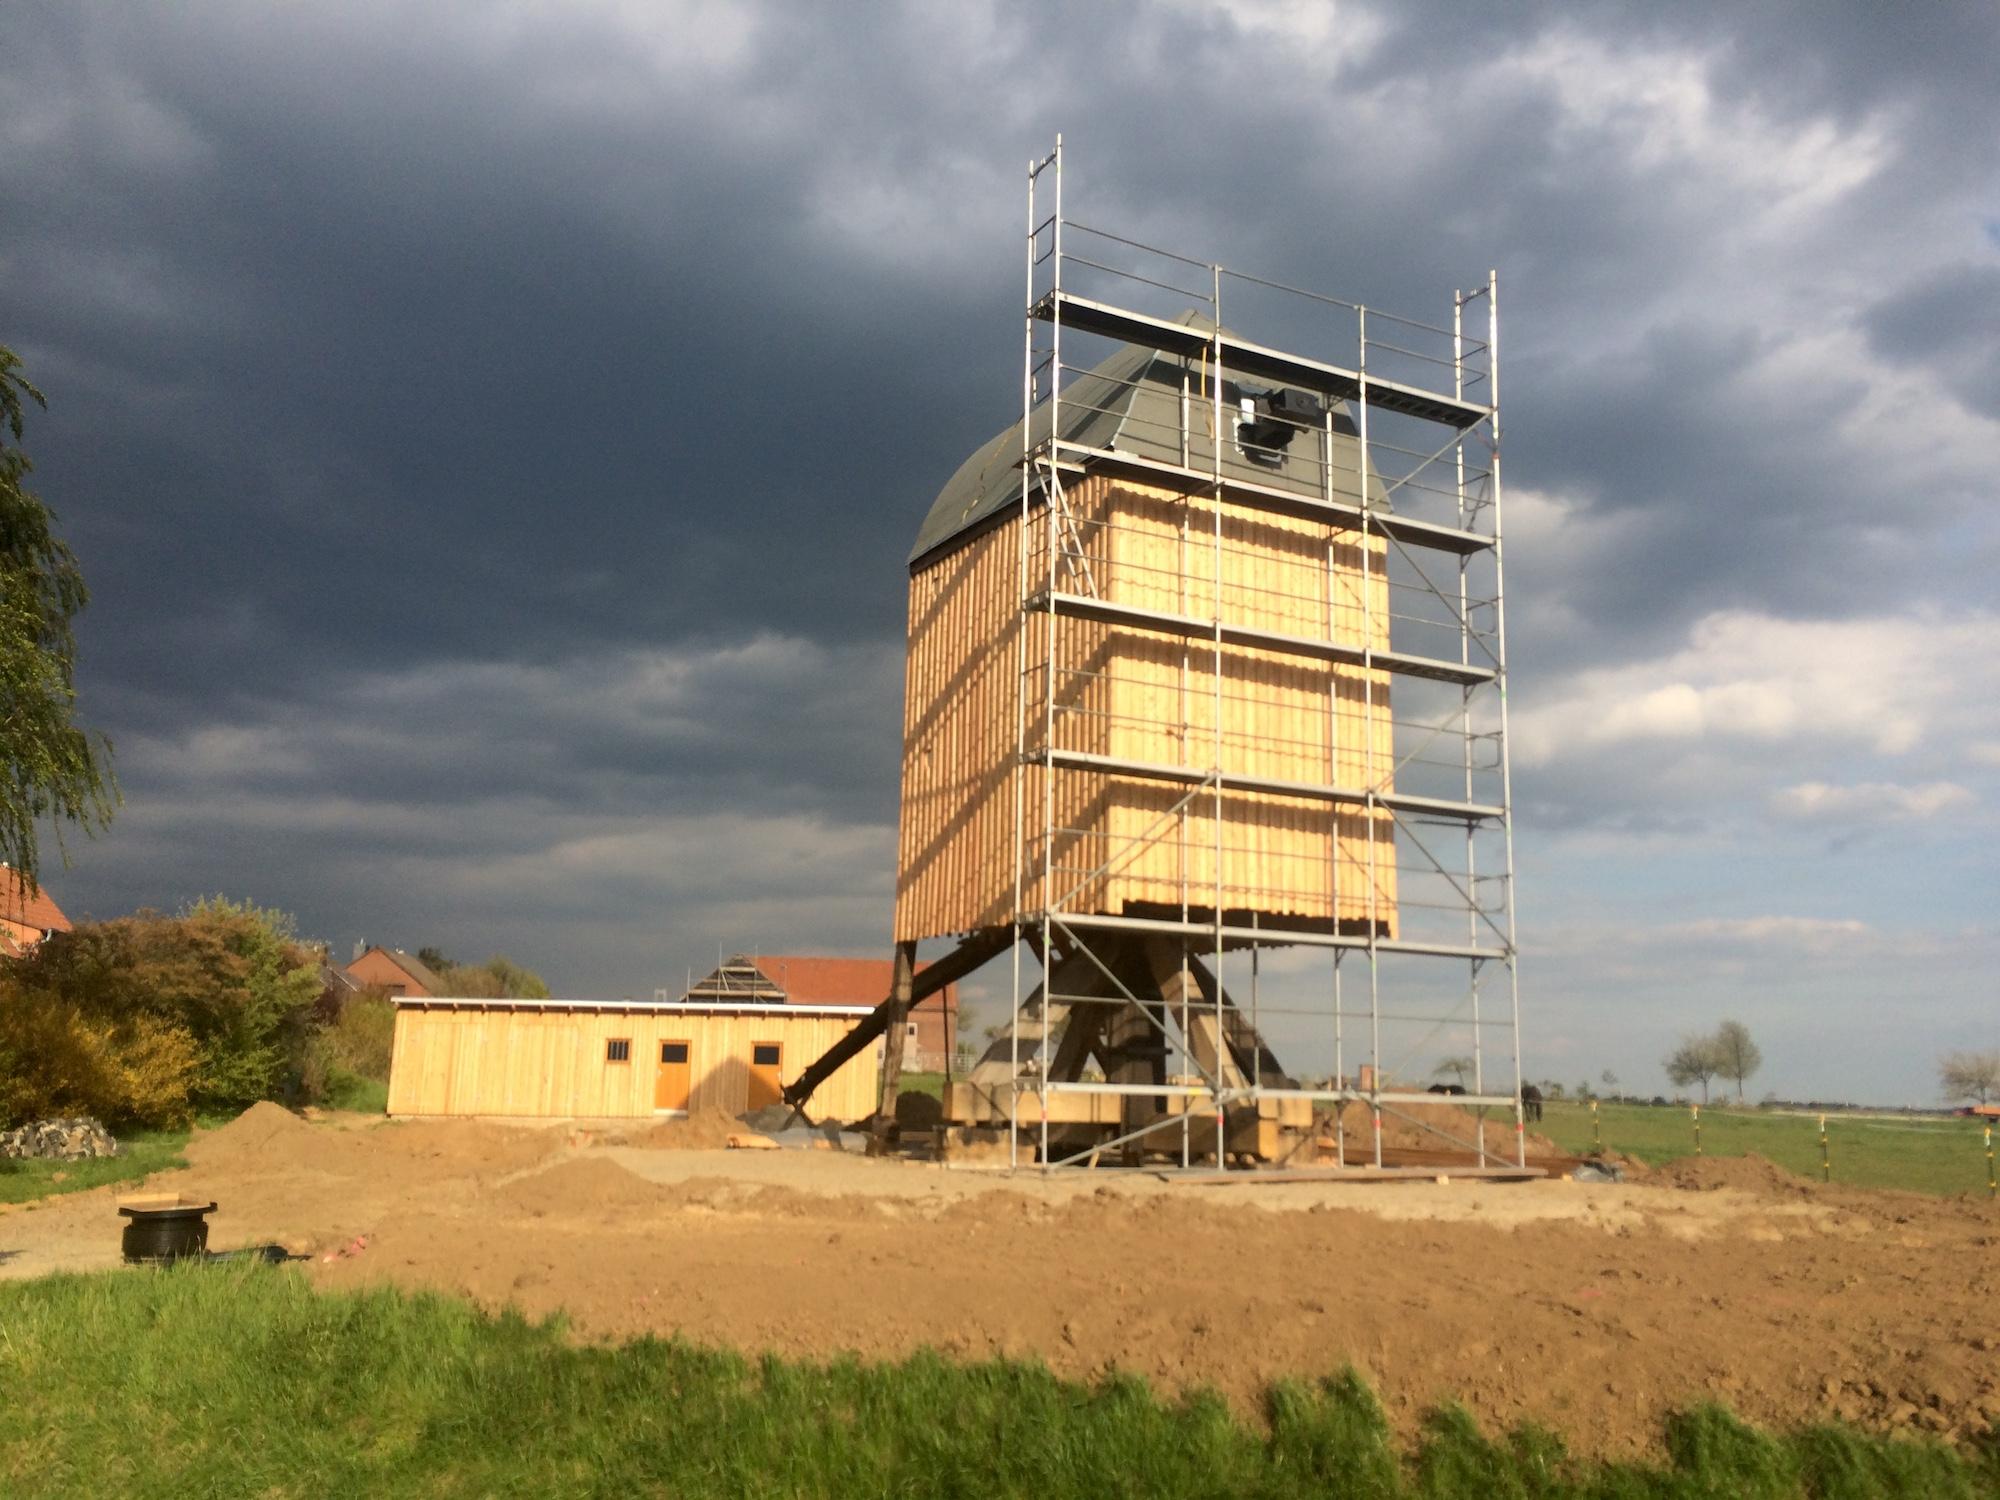 Nördliches Harzvorland, Windmühle Dettum: Die restaurierte Mühle wird an ihrem neuen Standort wieder aufgebaut / Uwe Schäfer